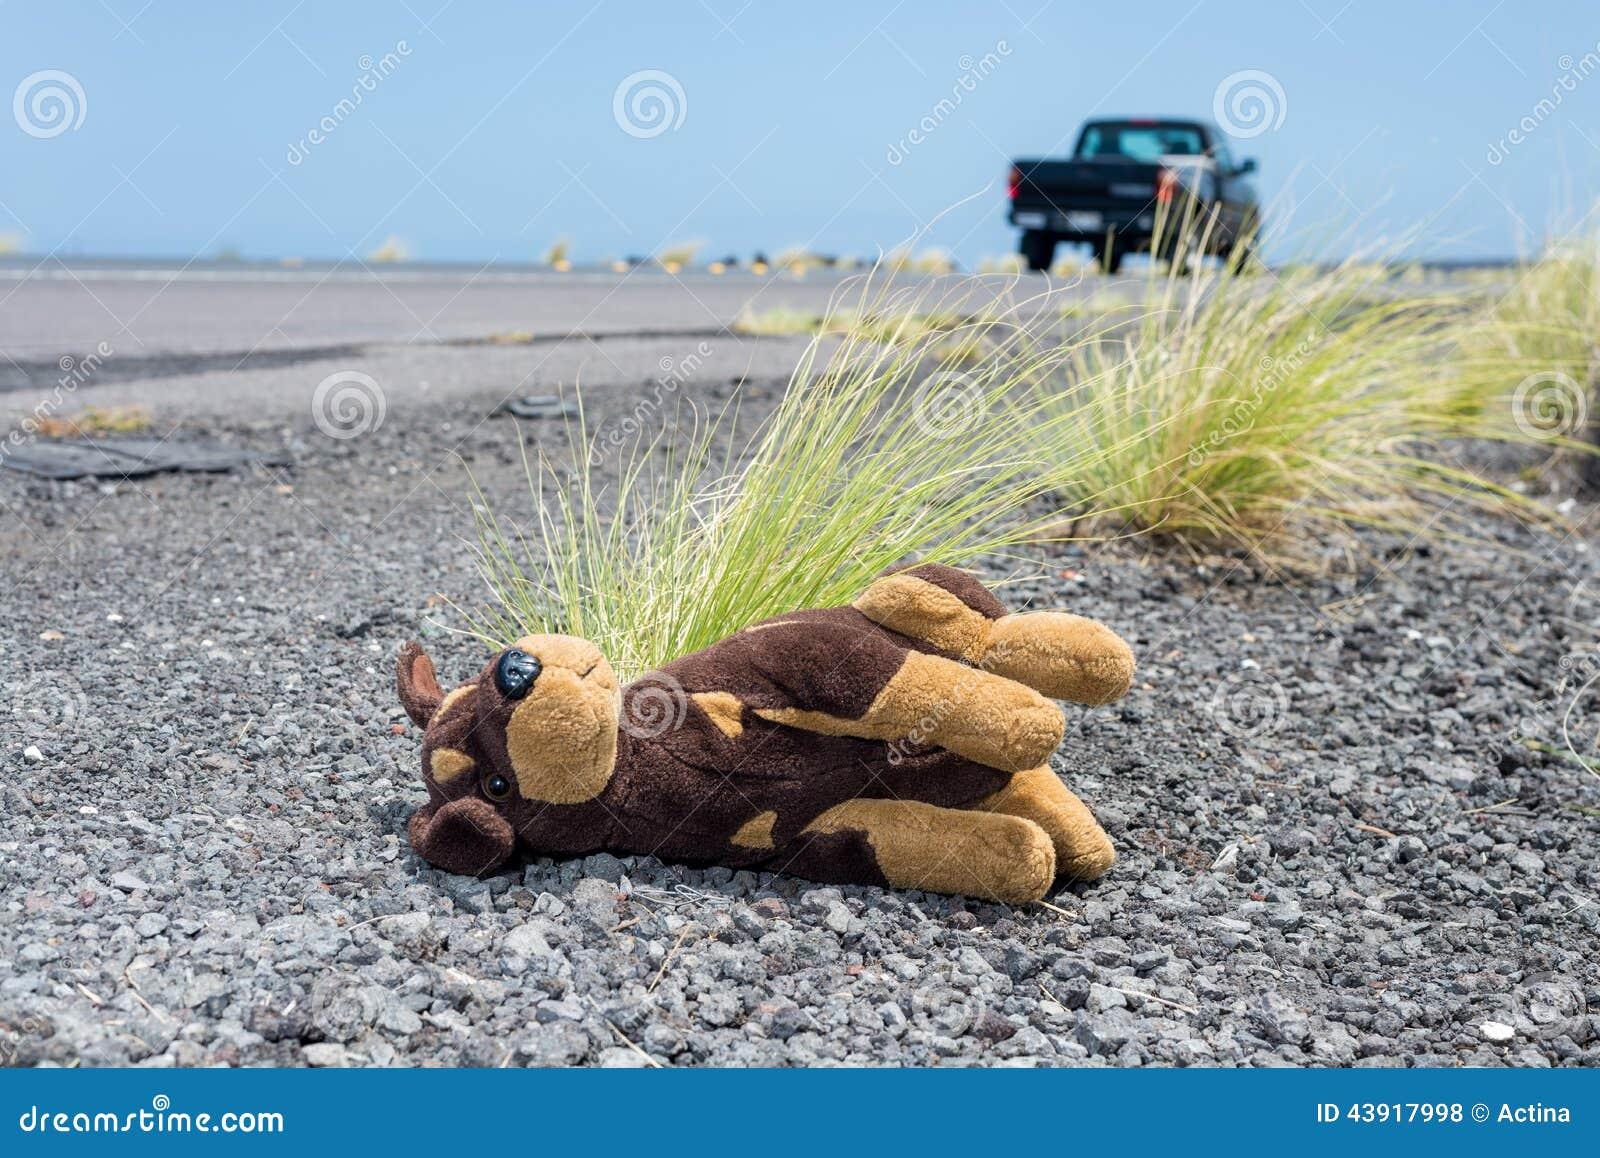 Perro de juguete de la felpa lanzado lejos